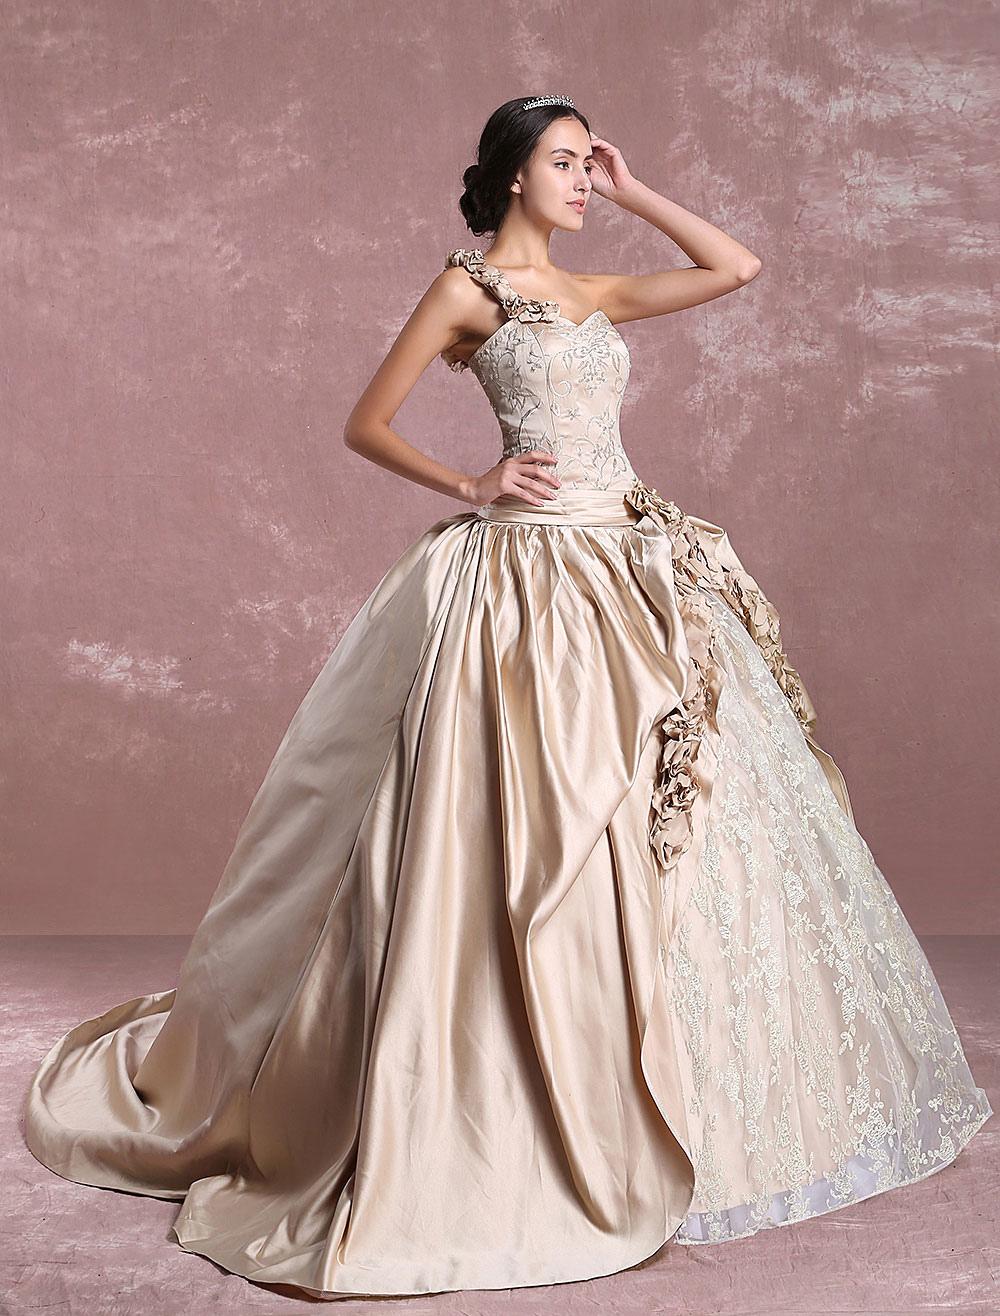 4c20e52b9ad6a ... プリンセスウェディングドレス シャンパン ビクトリア ブライダルドレス ワンショルダー レース 刺繍 サテン 結婚式 ...